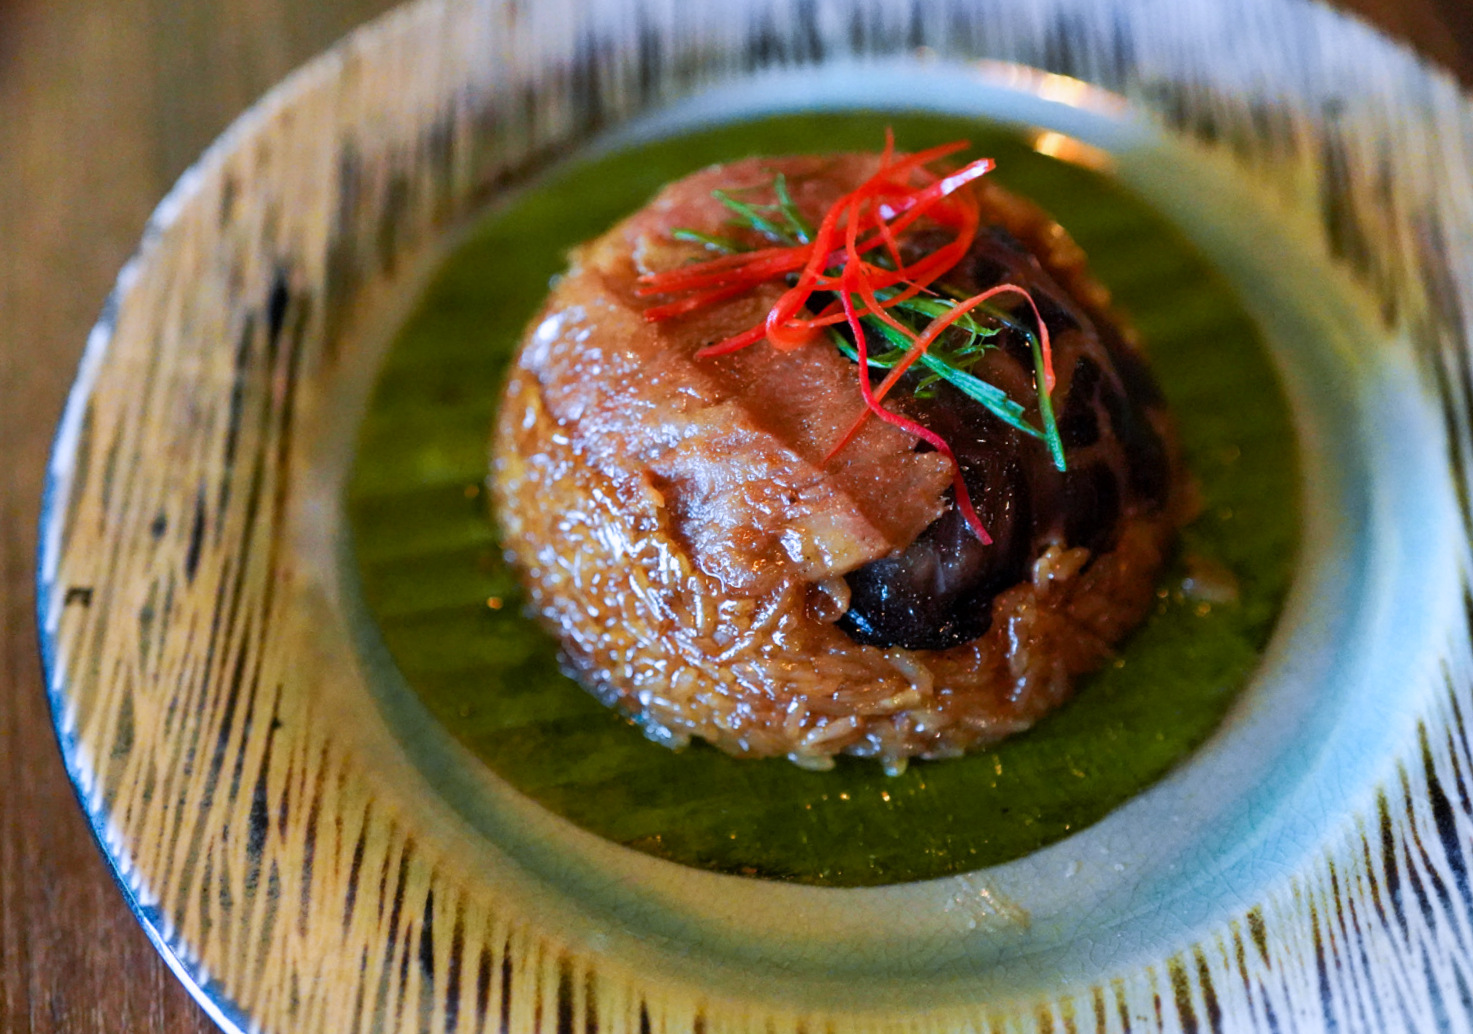 dim sum: mehra thai cuisine x le sense, damansara kim